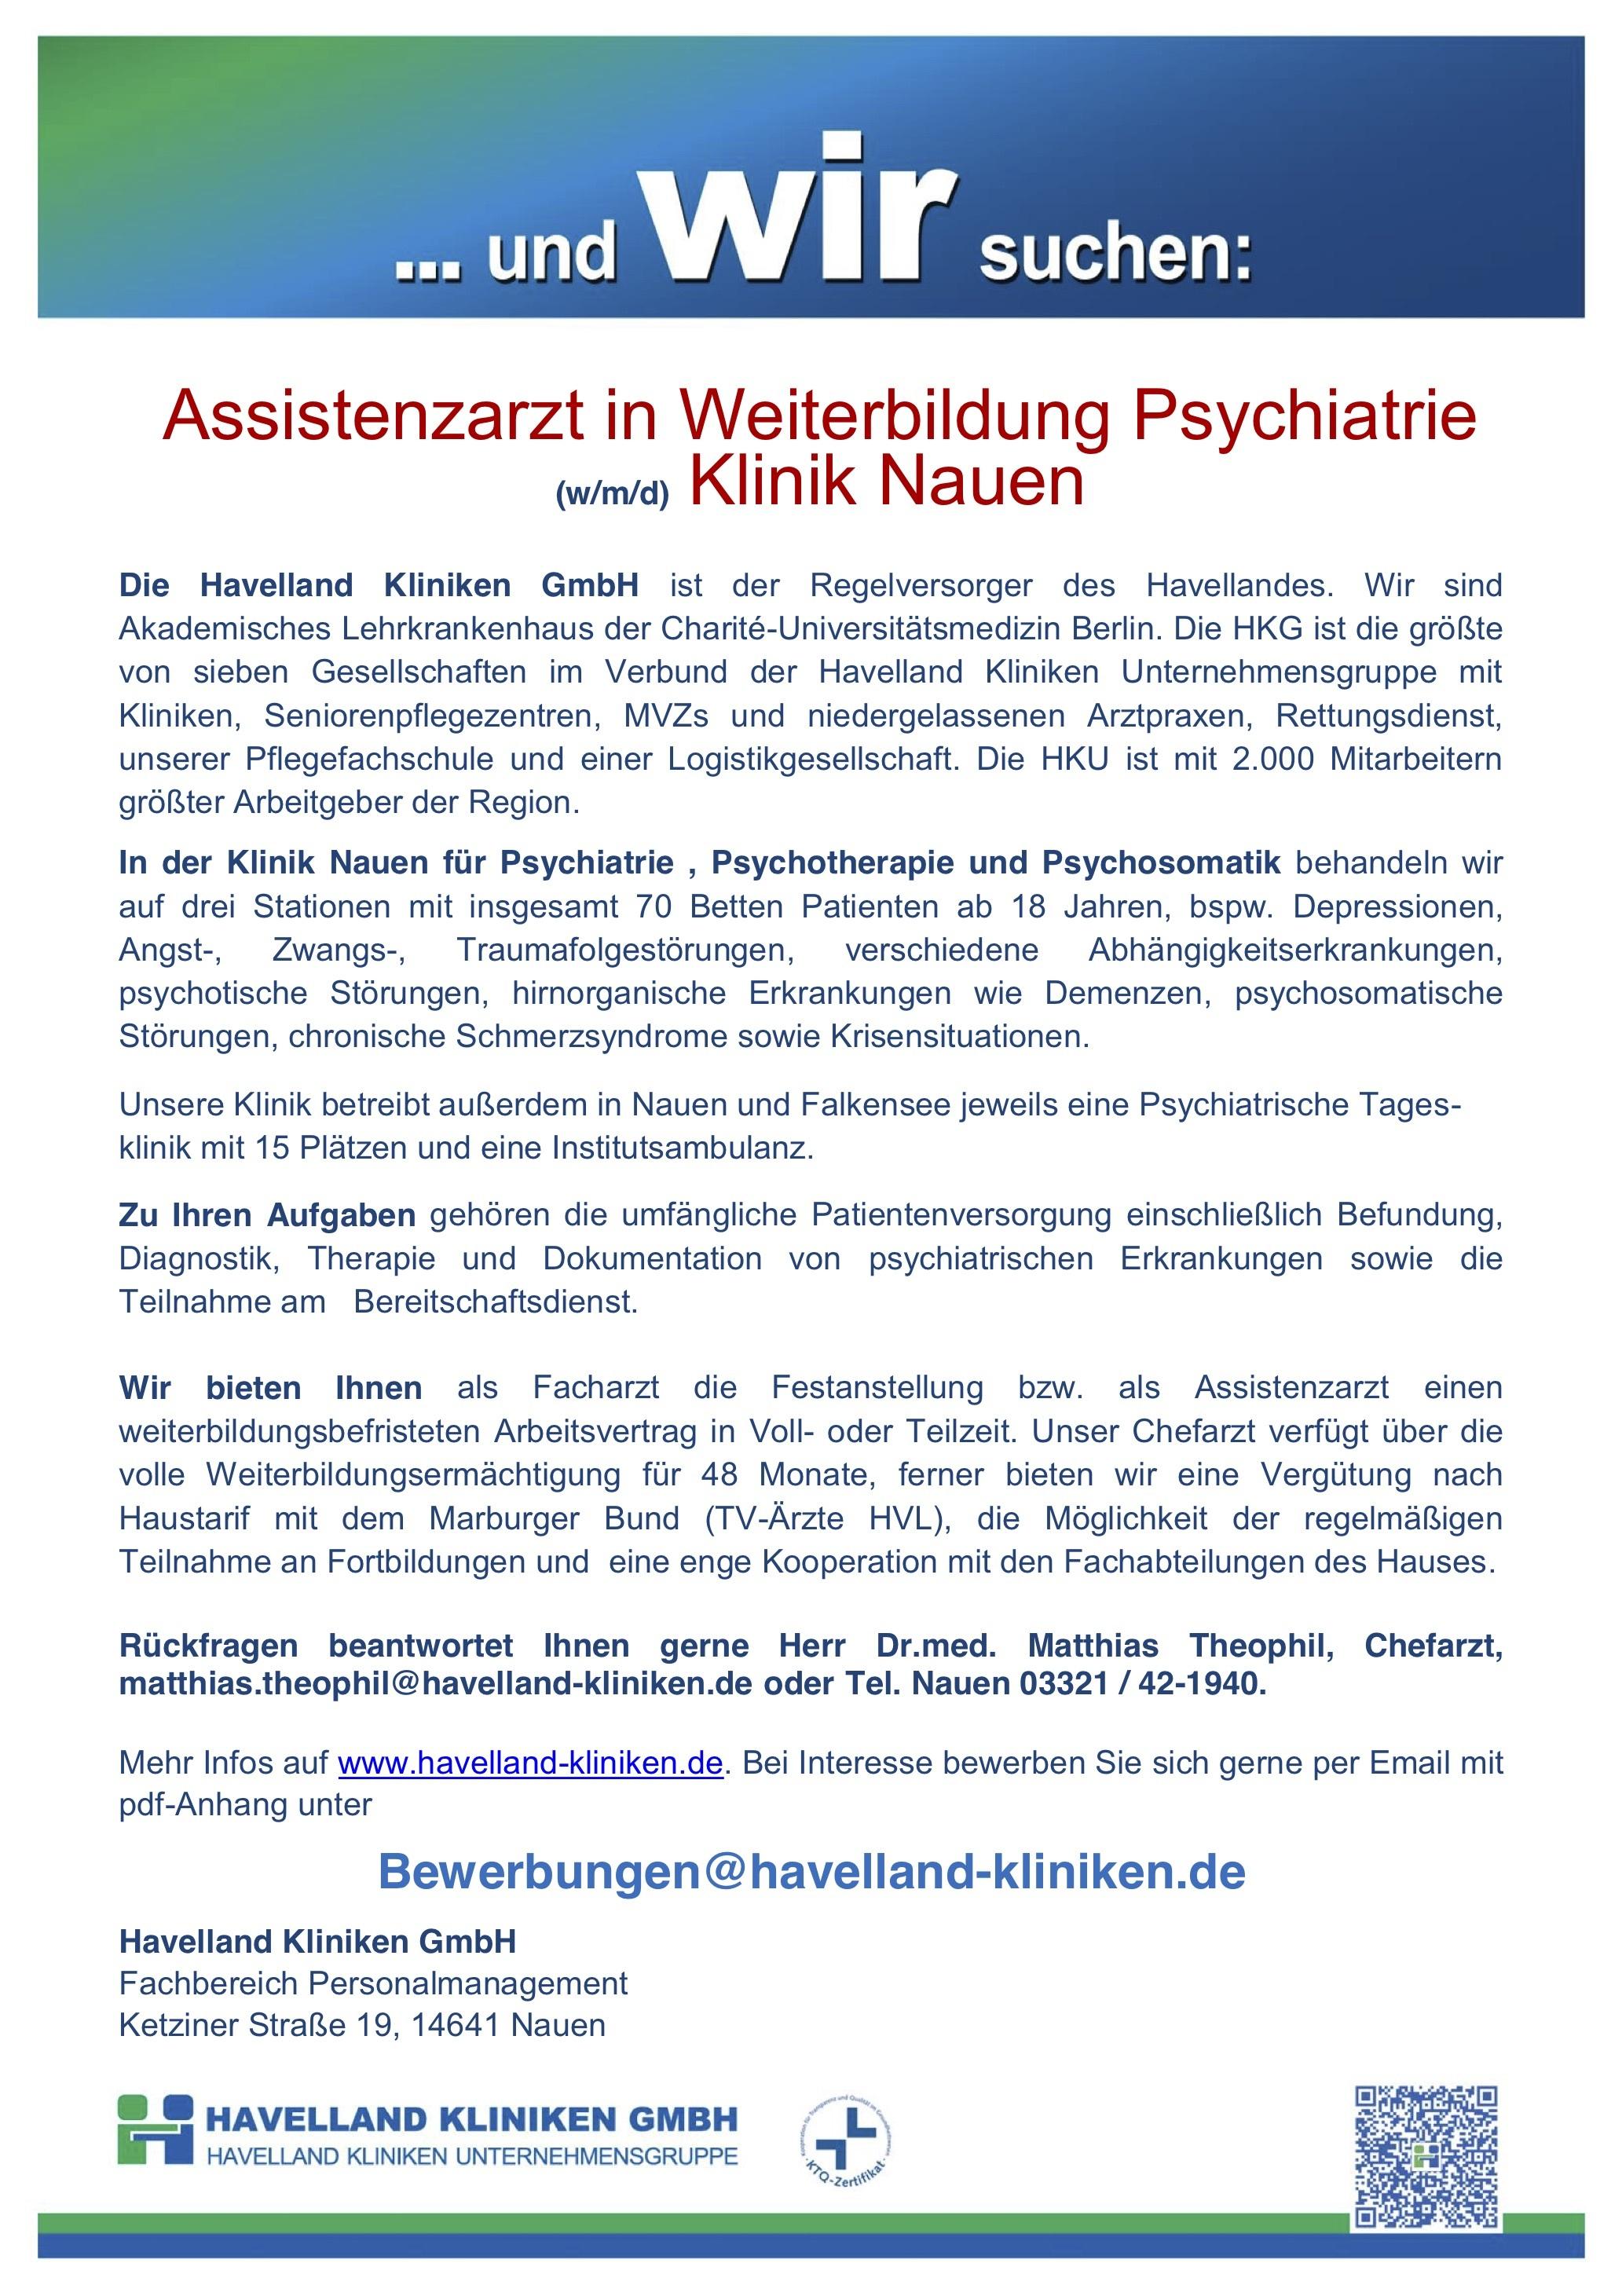 Assistenzarzt in Weiterbildung Psychiatrie (w/m/d) Klinik Nauen